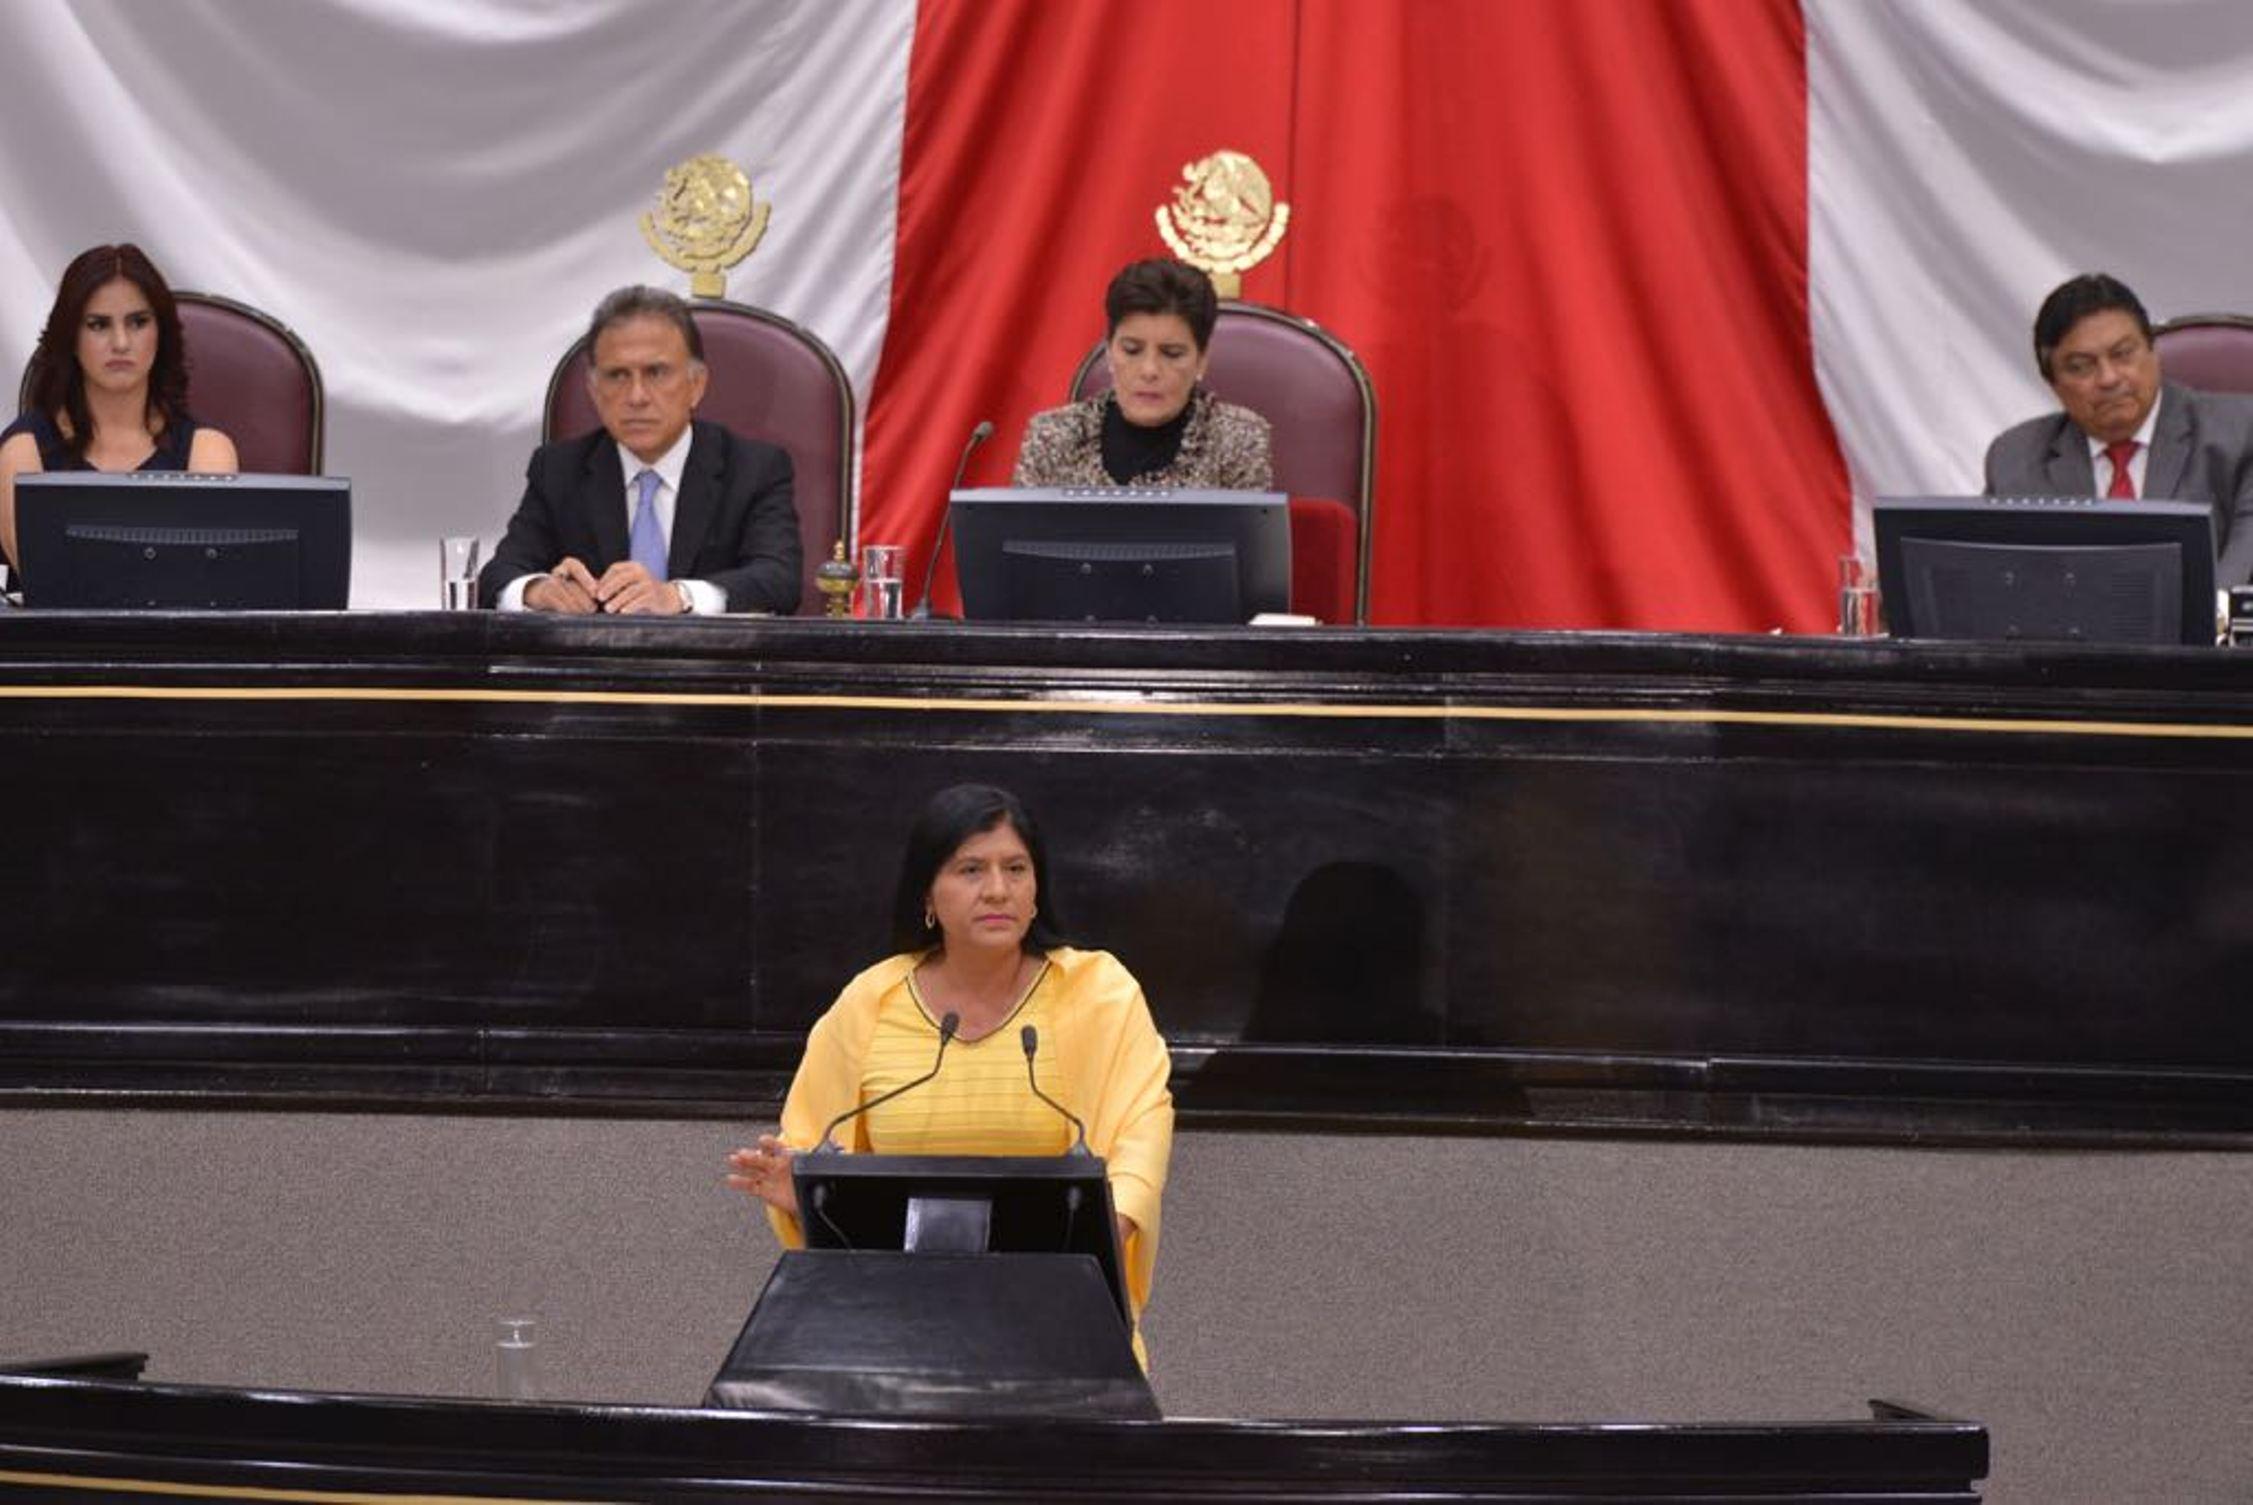 Debaten diputados (as) y Gobernador sobre resultados del primer año de gobierno